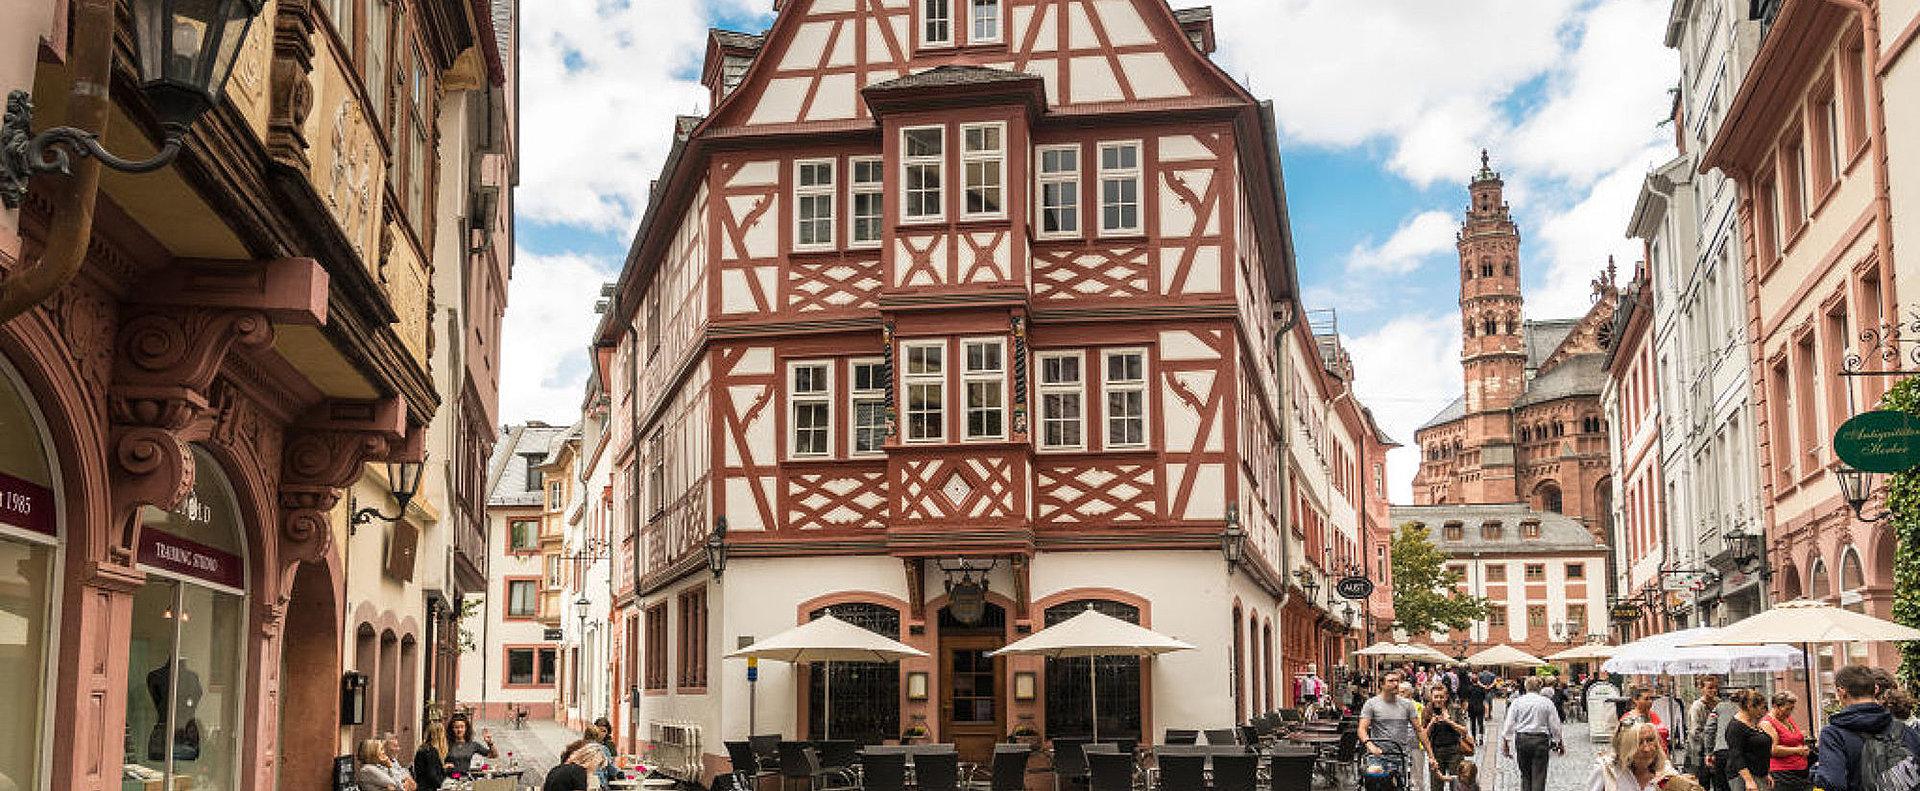 Die Altstadt von Mainz, Rheinhessen